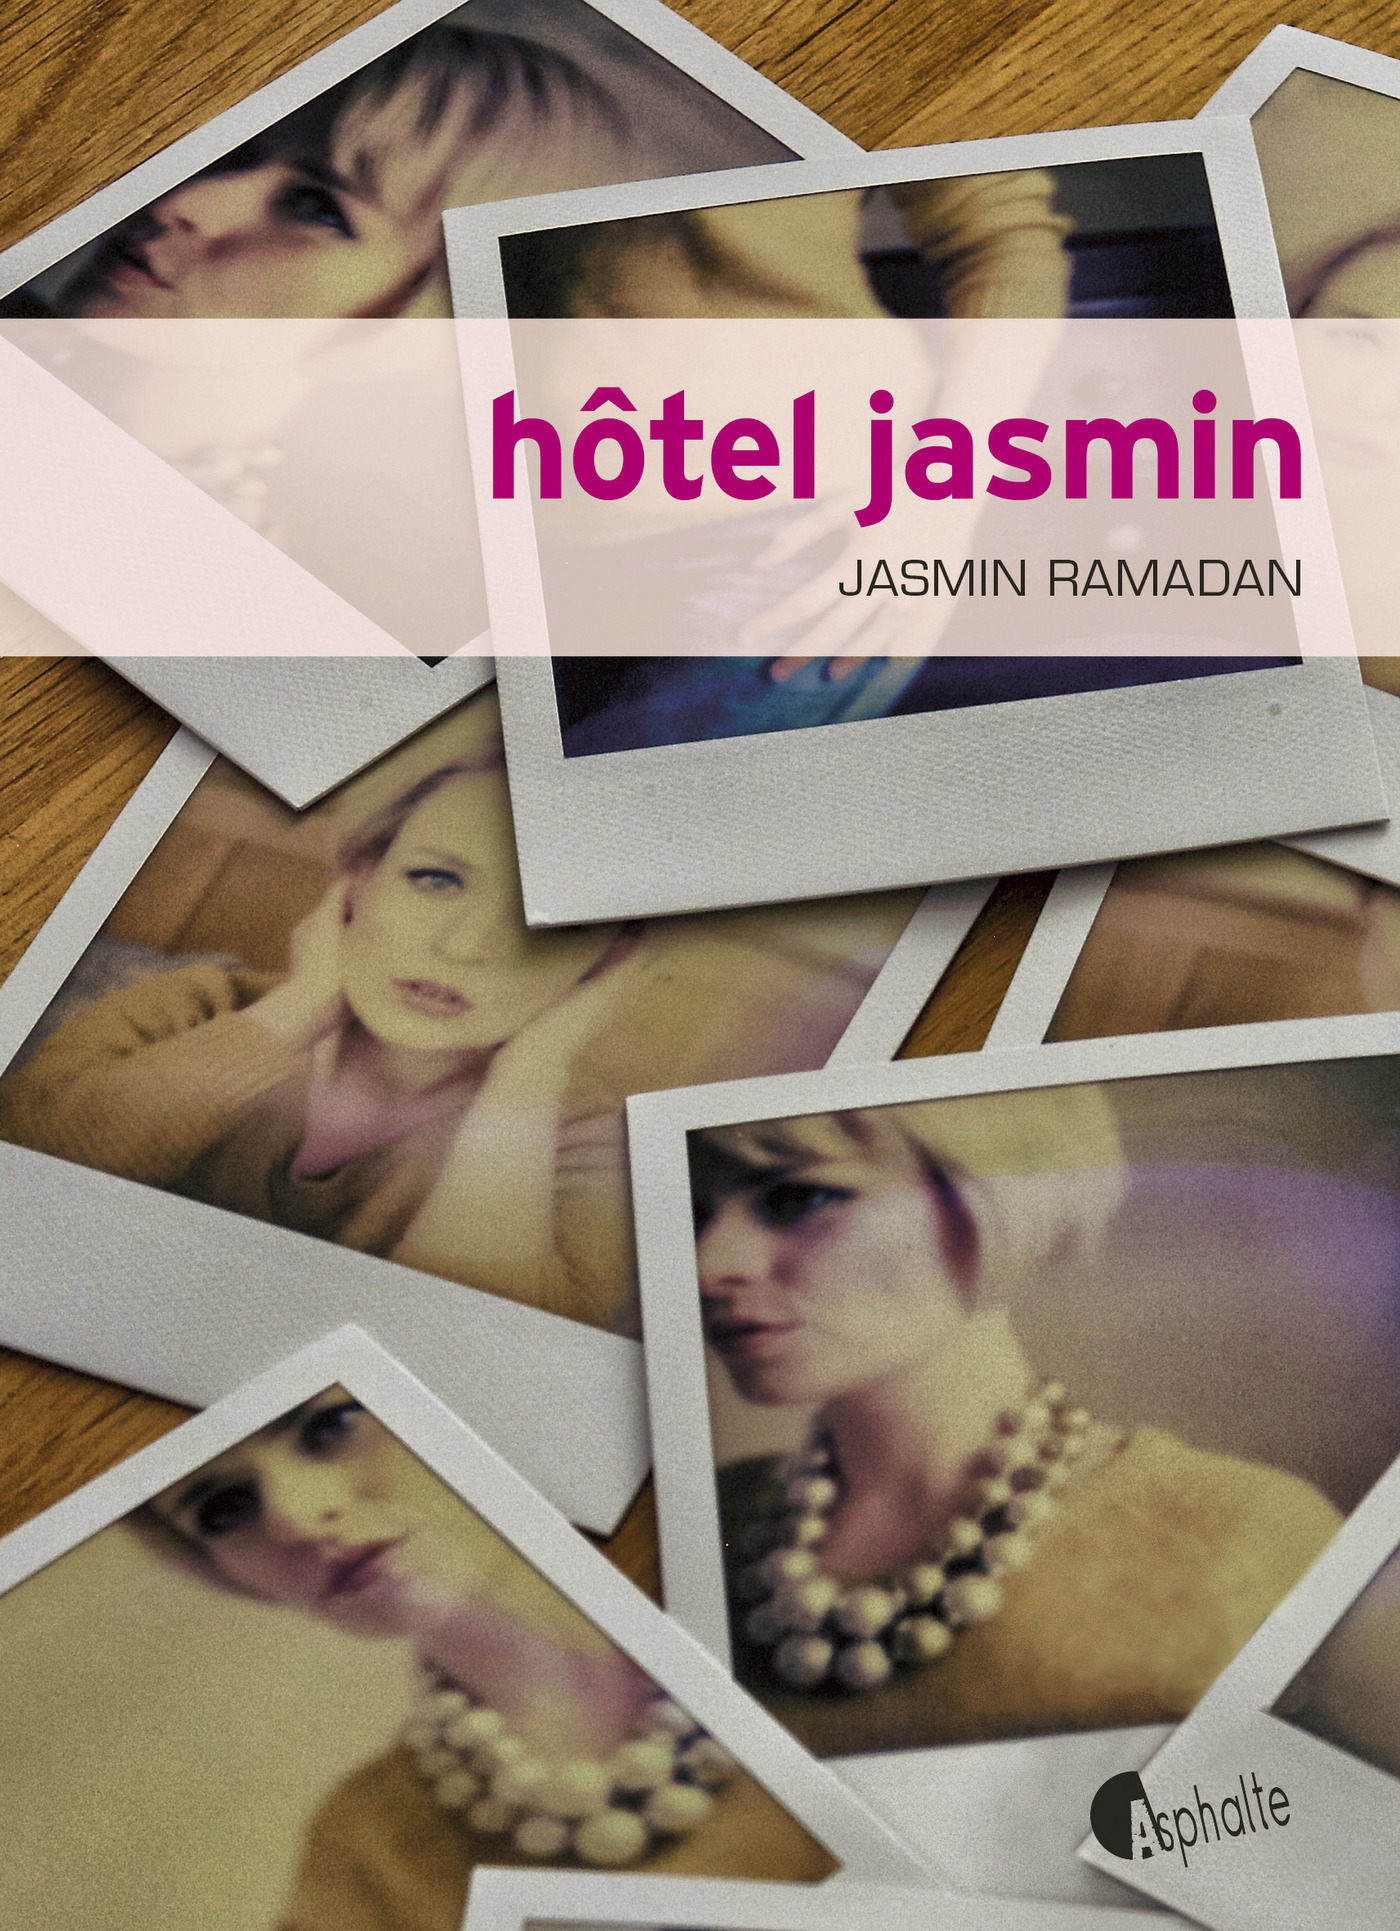 Hôtel Jasmin